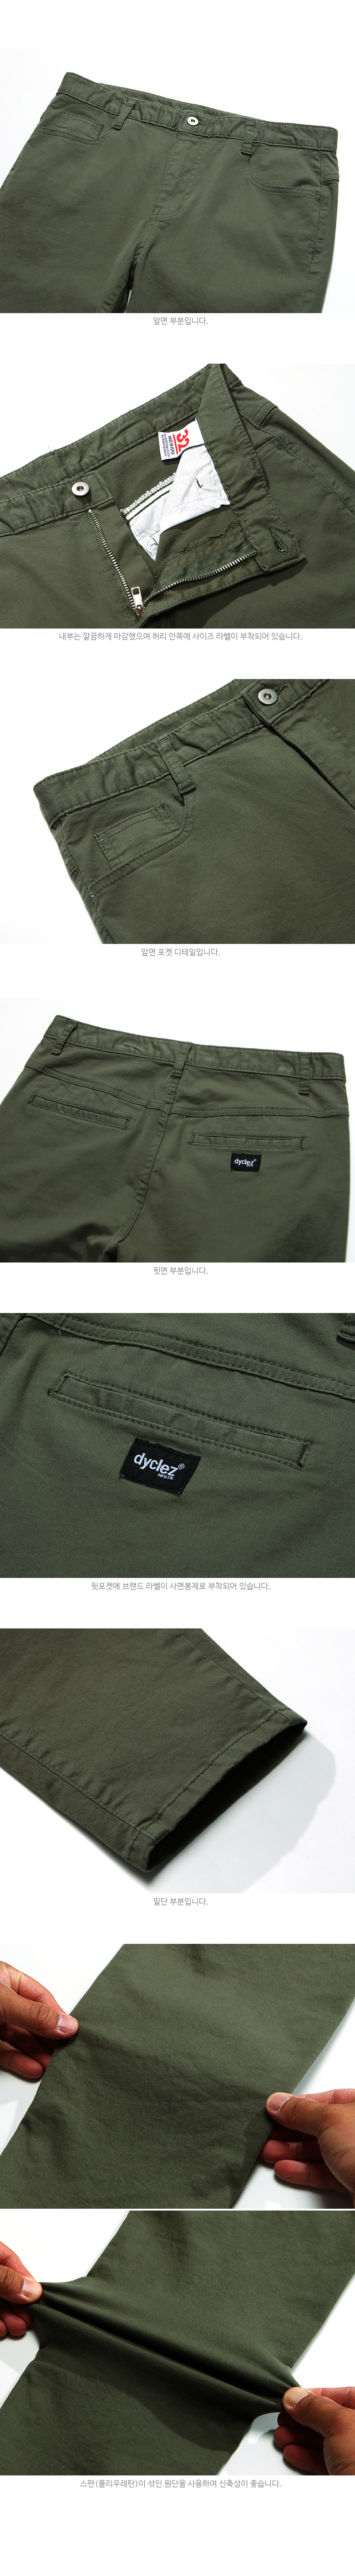 CJLP5071_detail_khaki_02.jpg